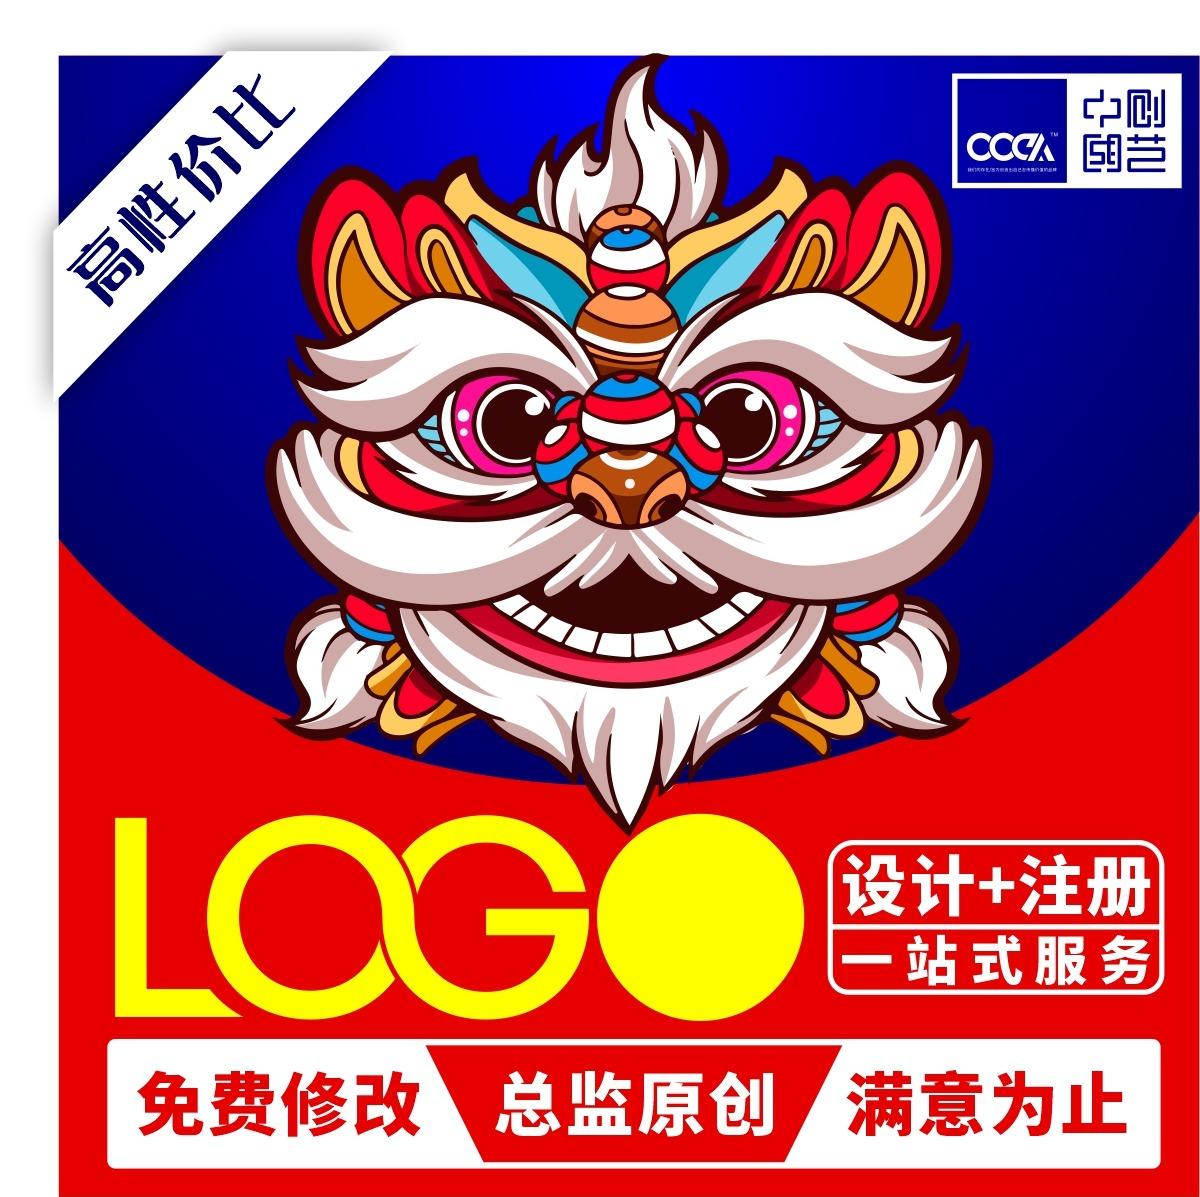 【不满意退全款】企业公司LOGO设计商标图标字体商标原创设计